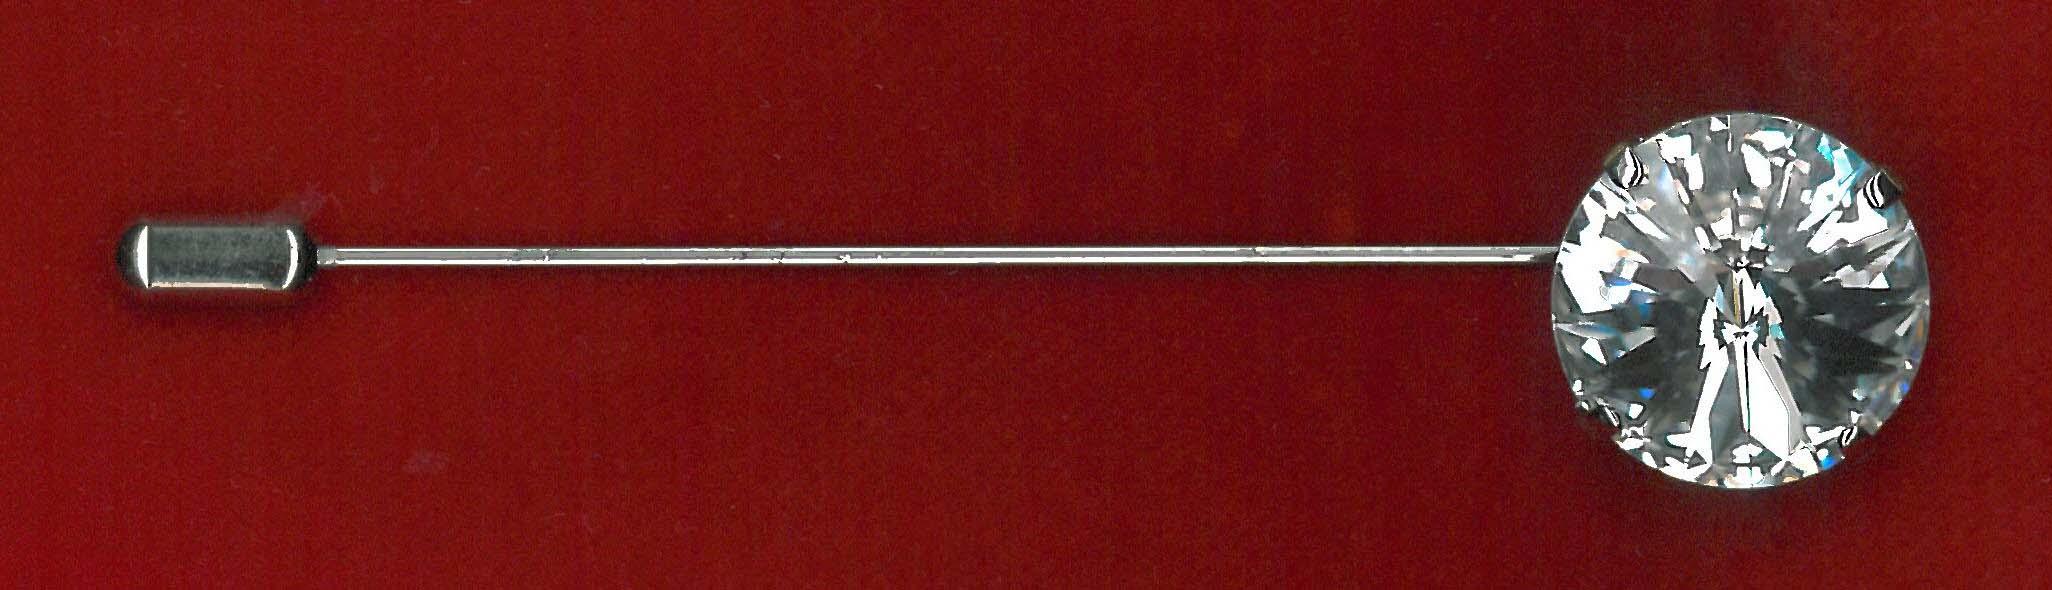 Cravat Pin